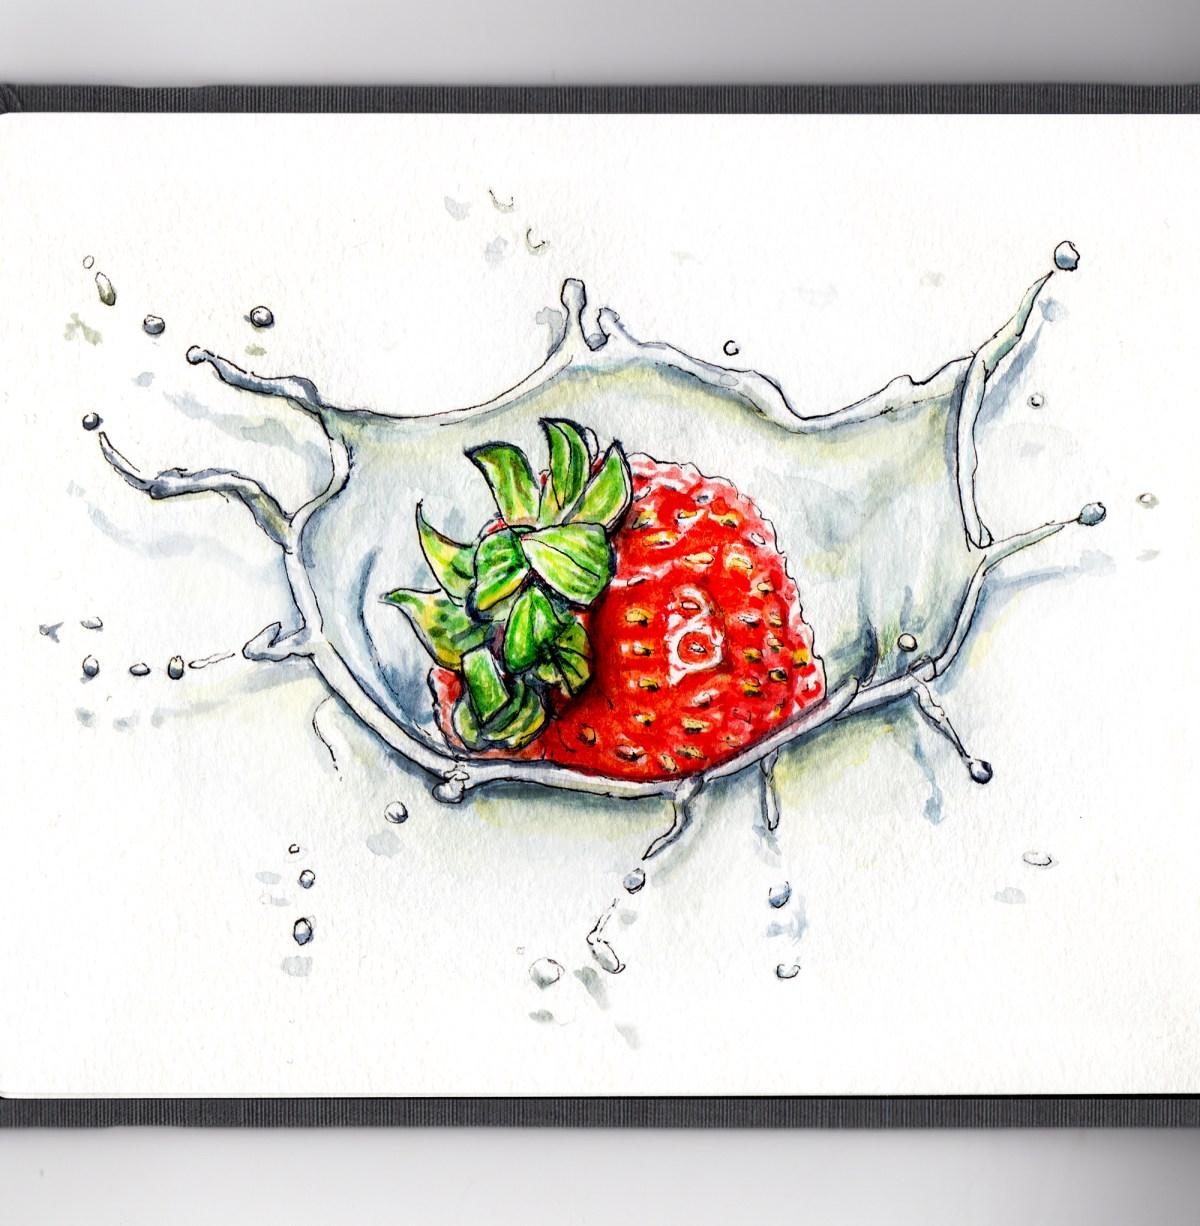 Day 15 - Strawberries and Cream Splash